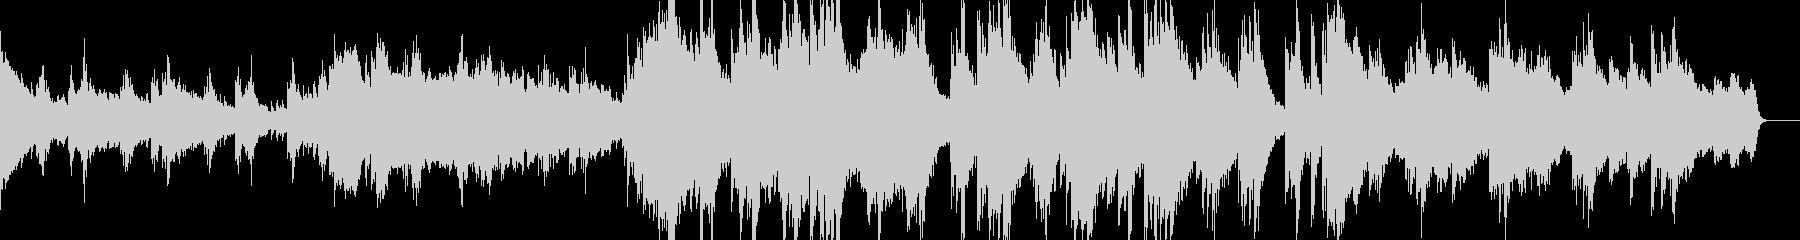 物悲しげなピアノのシネマティックの未再生の波形